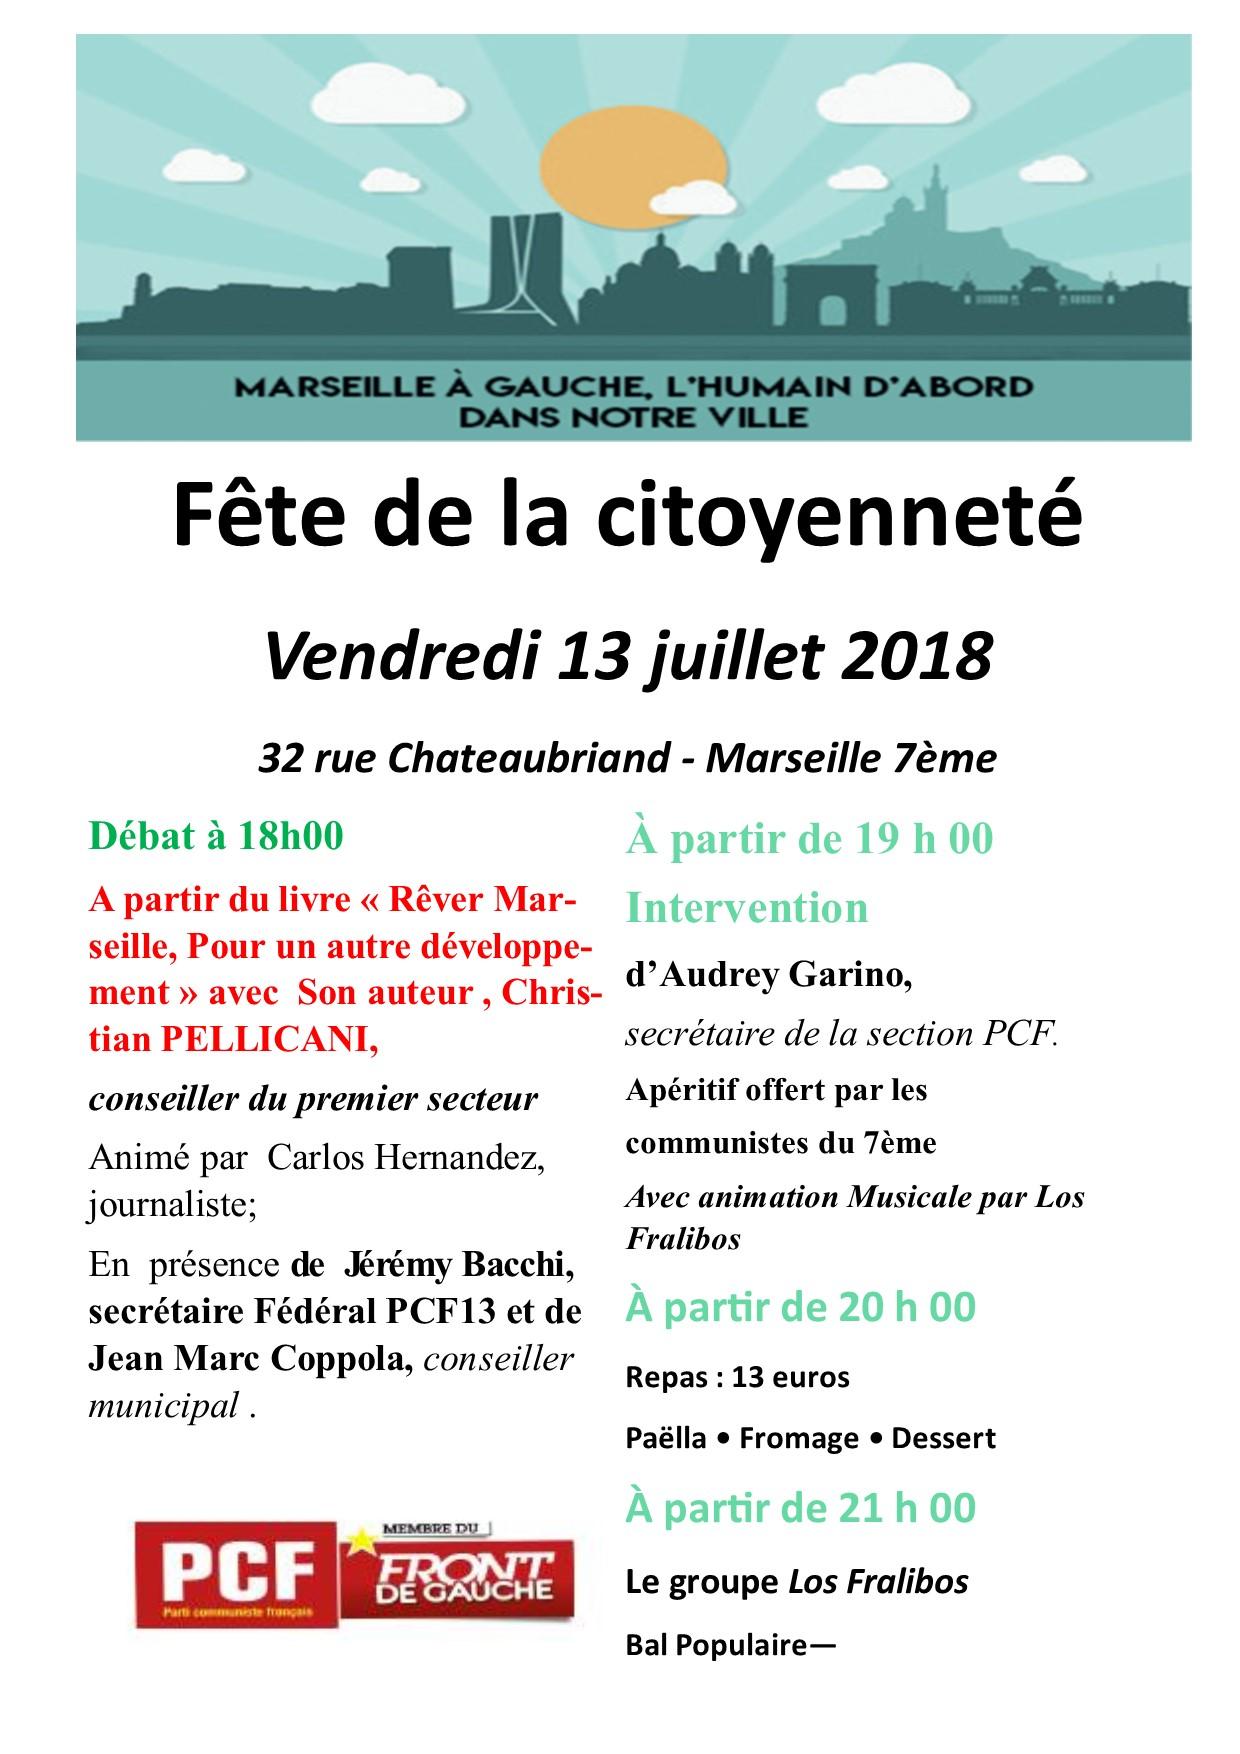 13 Juillet 2018 : inscription pour le débat de 18h00 autour du livre «Rêver Marseille, pour un autre développement»